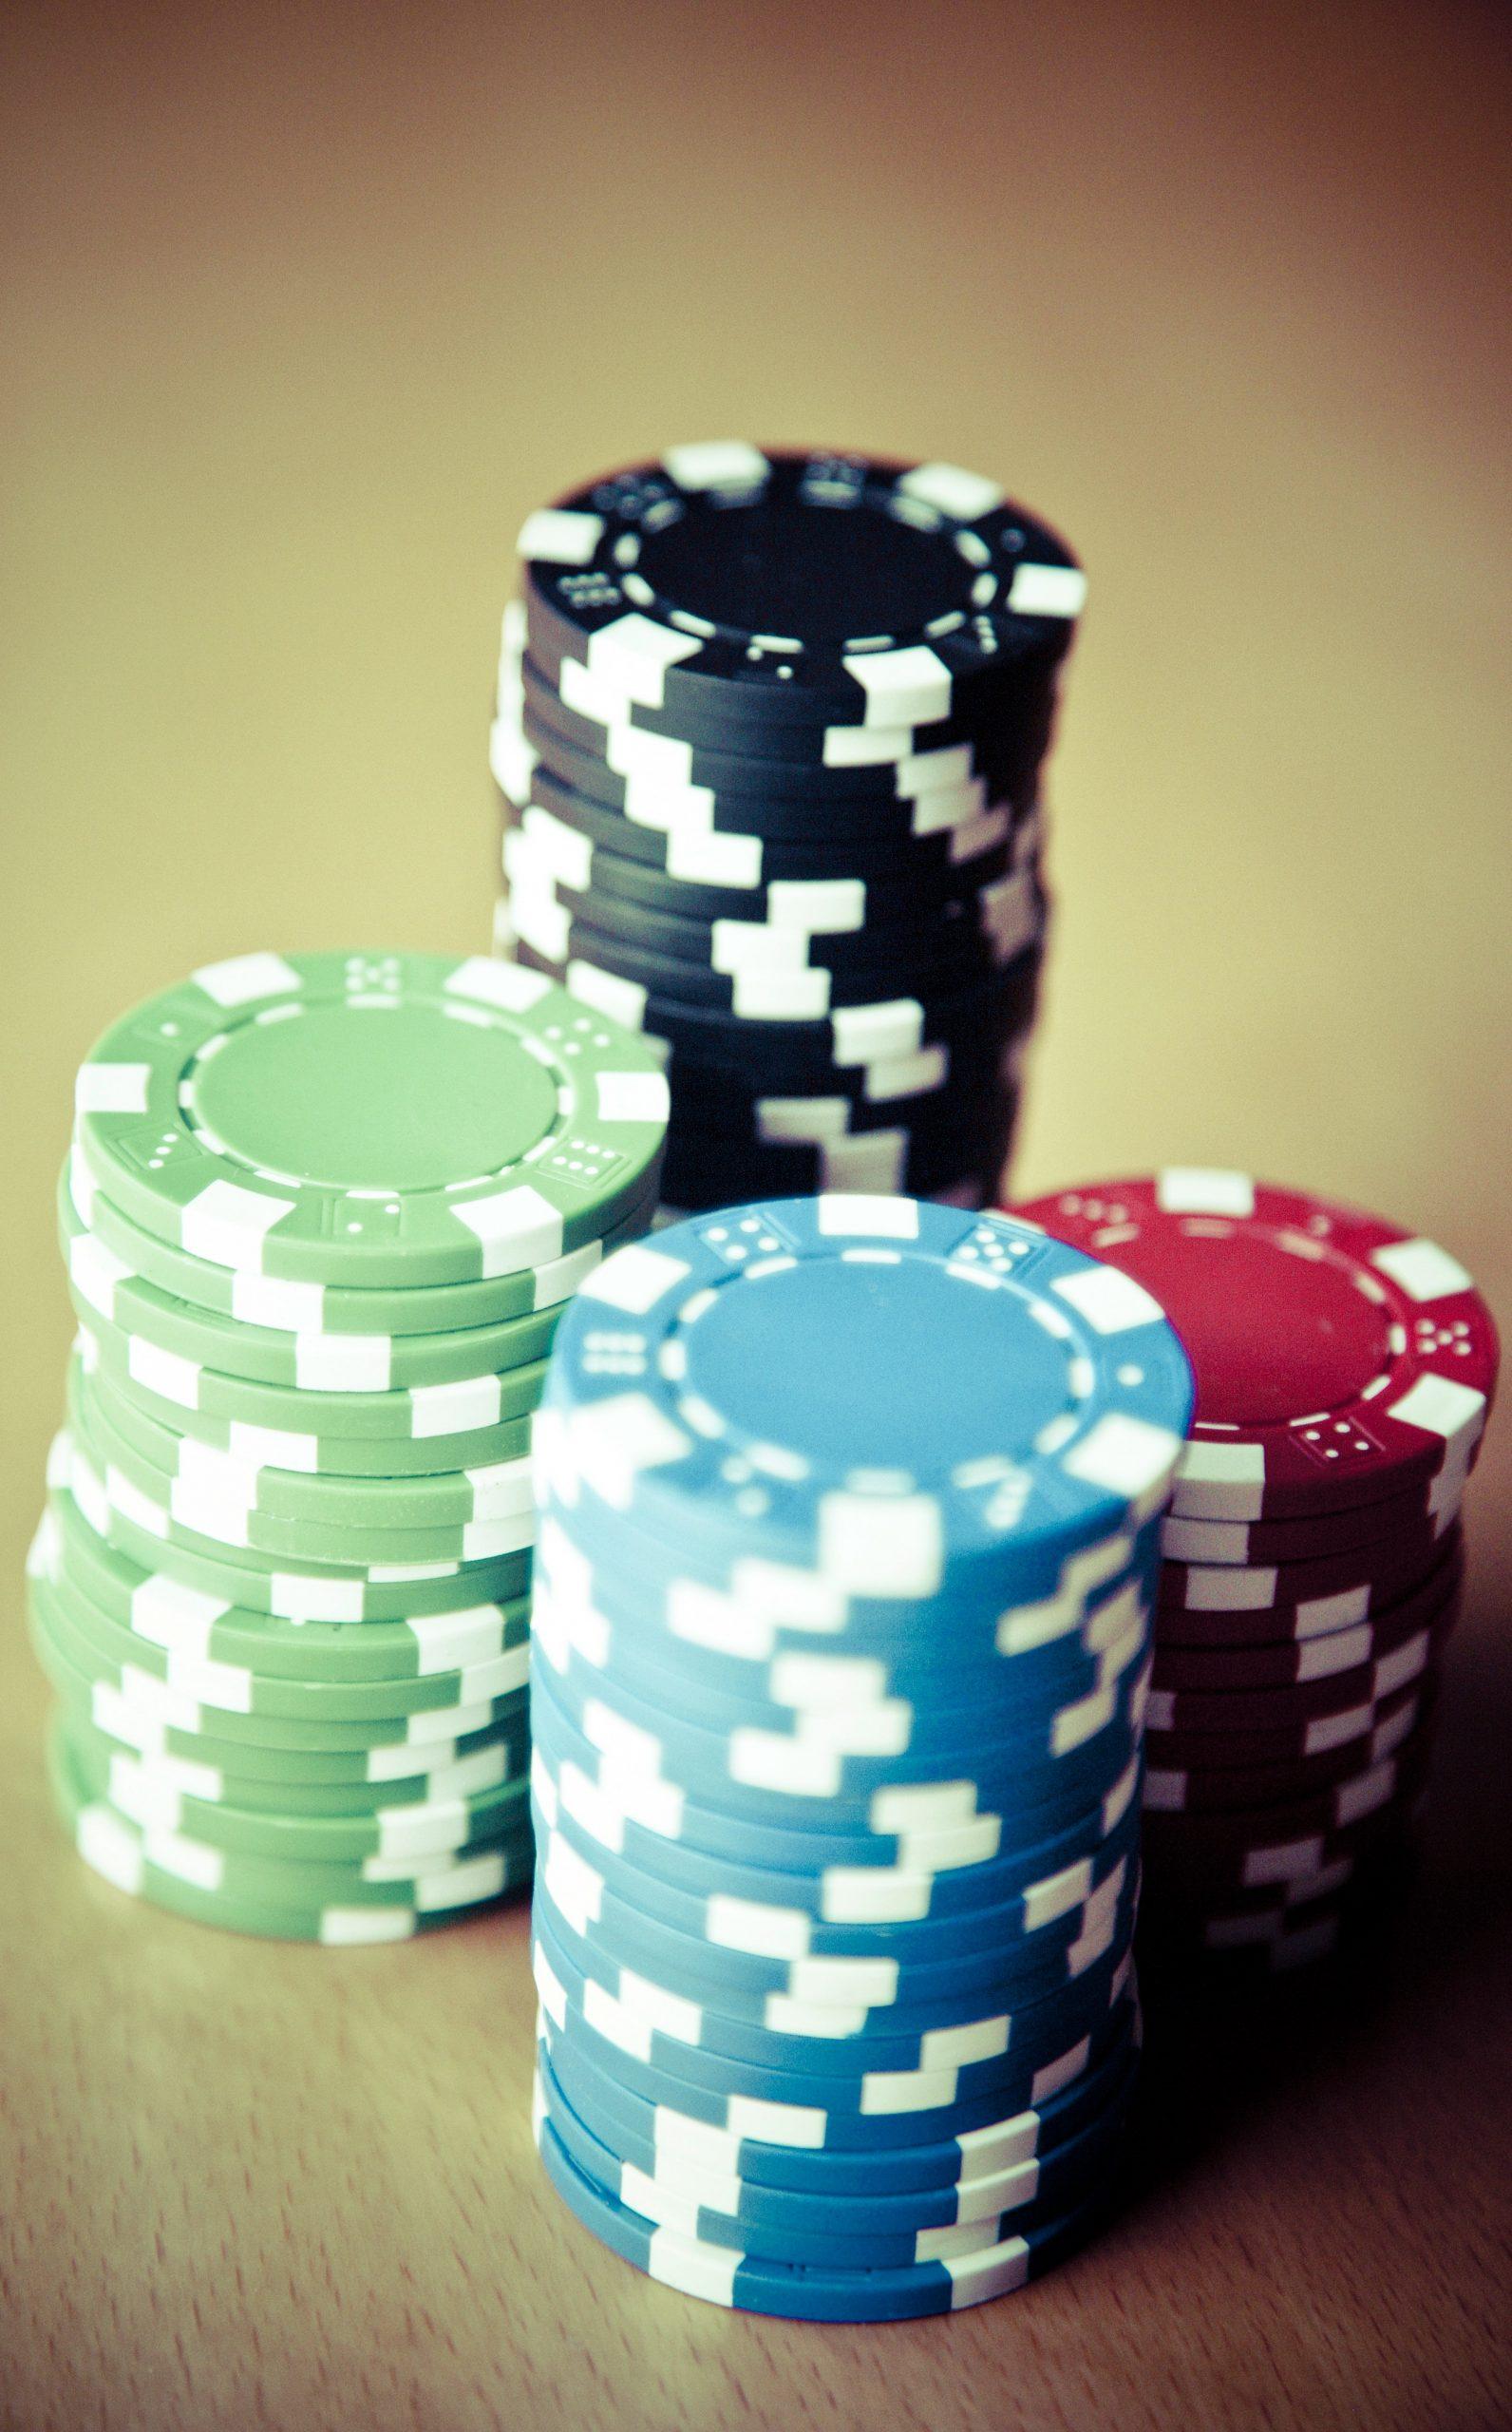 Fichas de poker.3